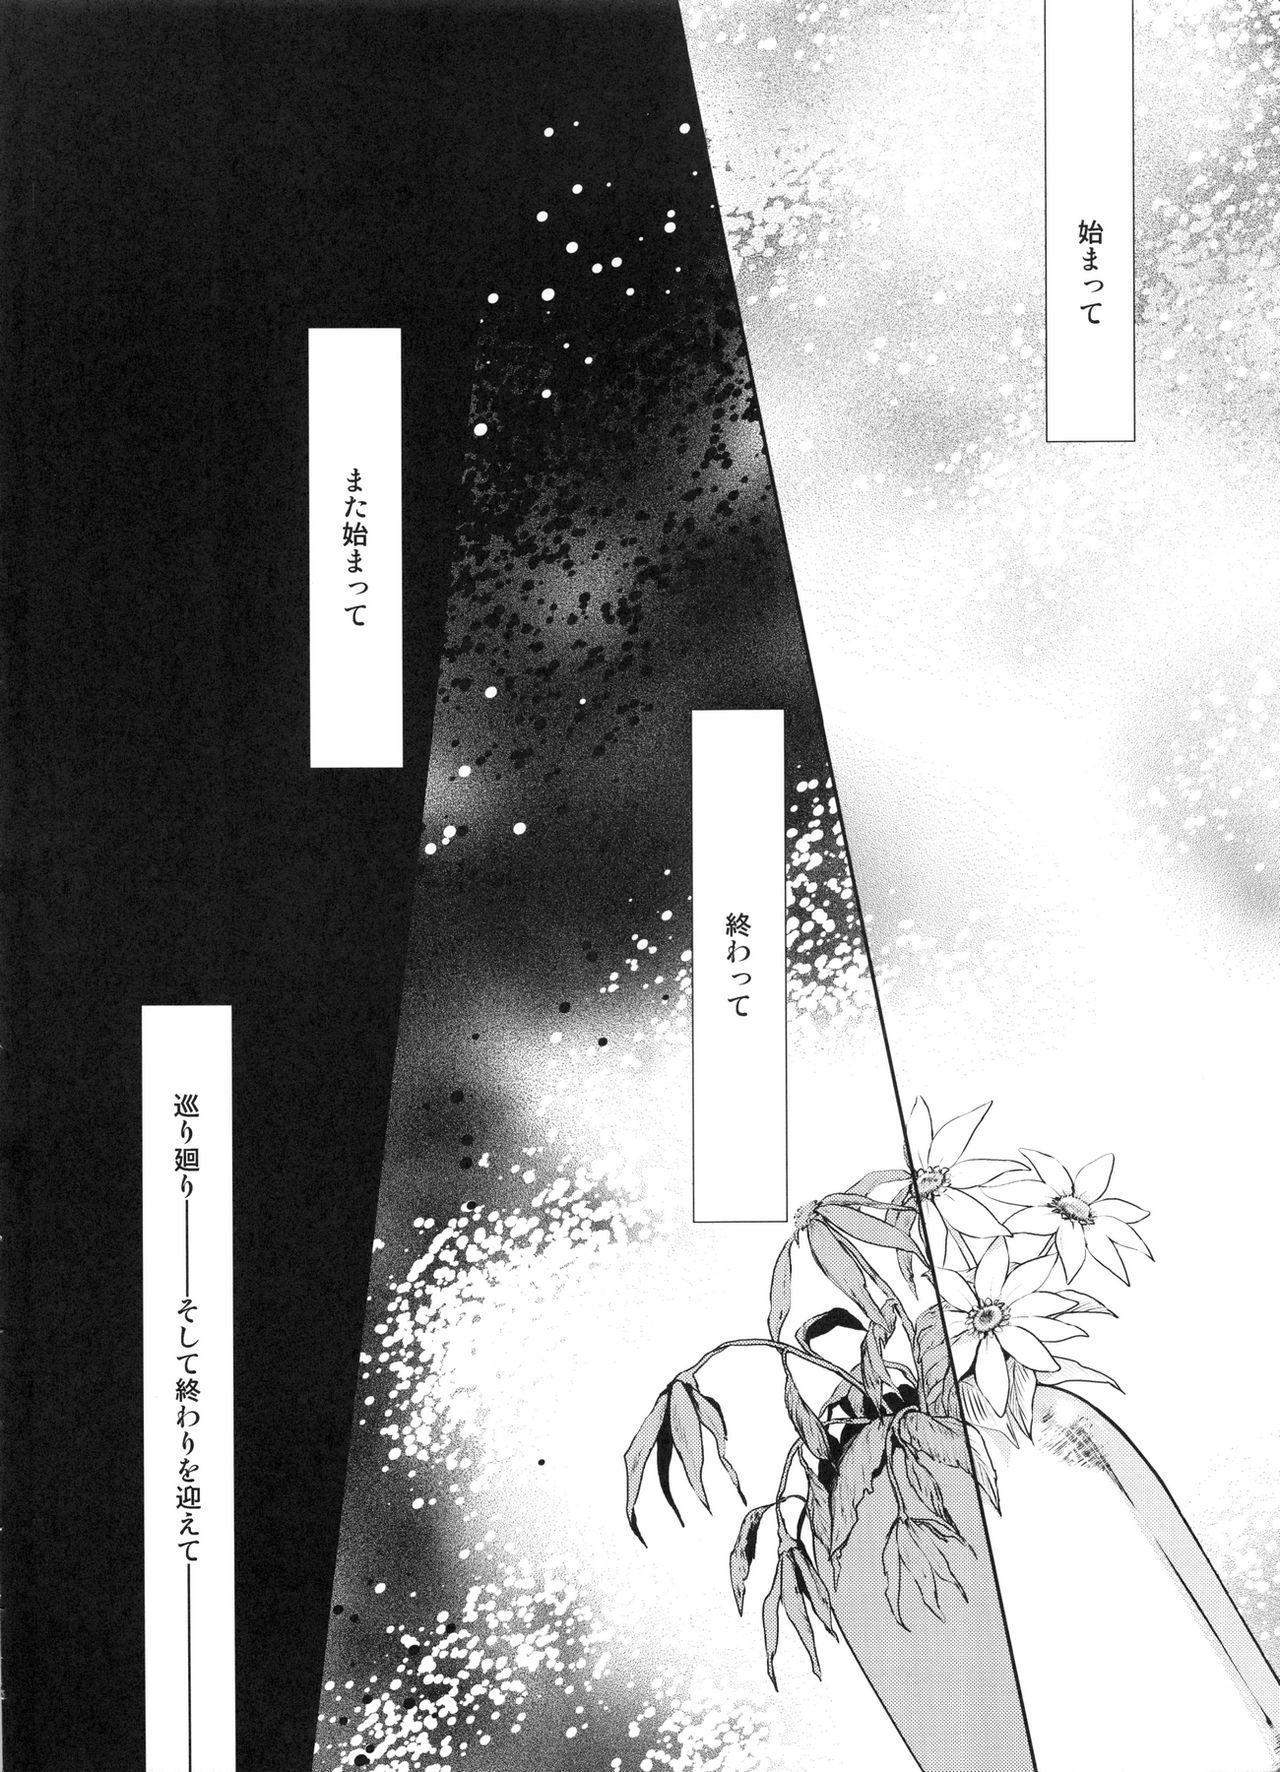 Meguri Meguri Soshite Mata Hana wa Saku 3